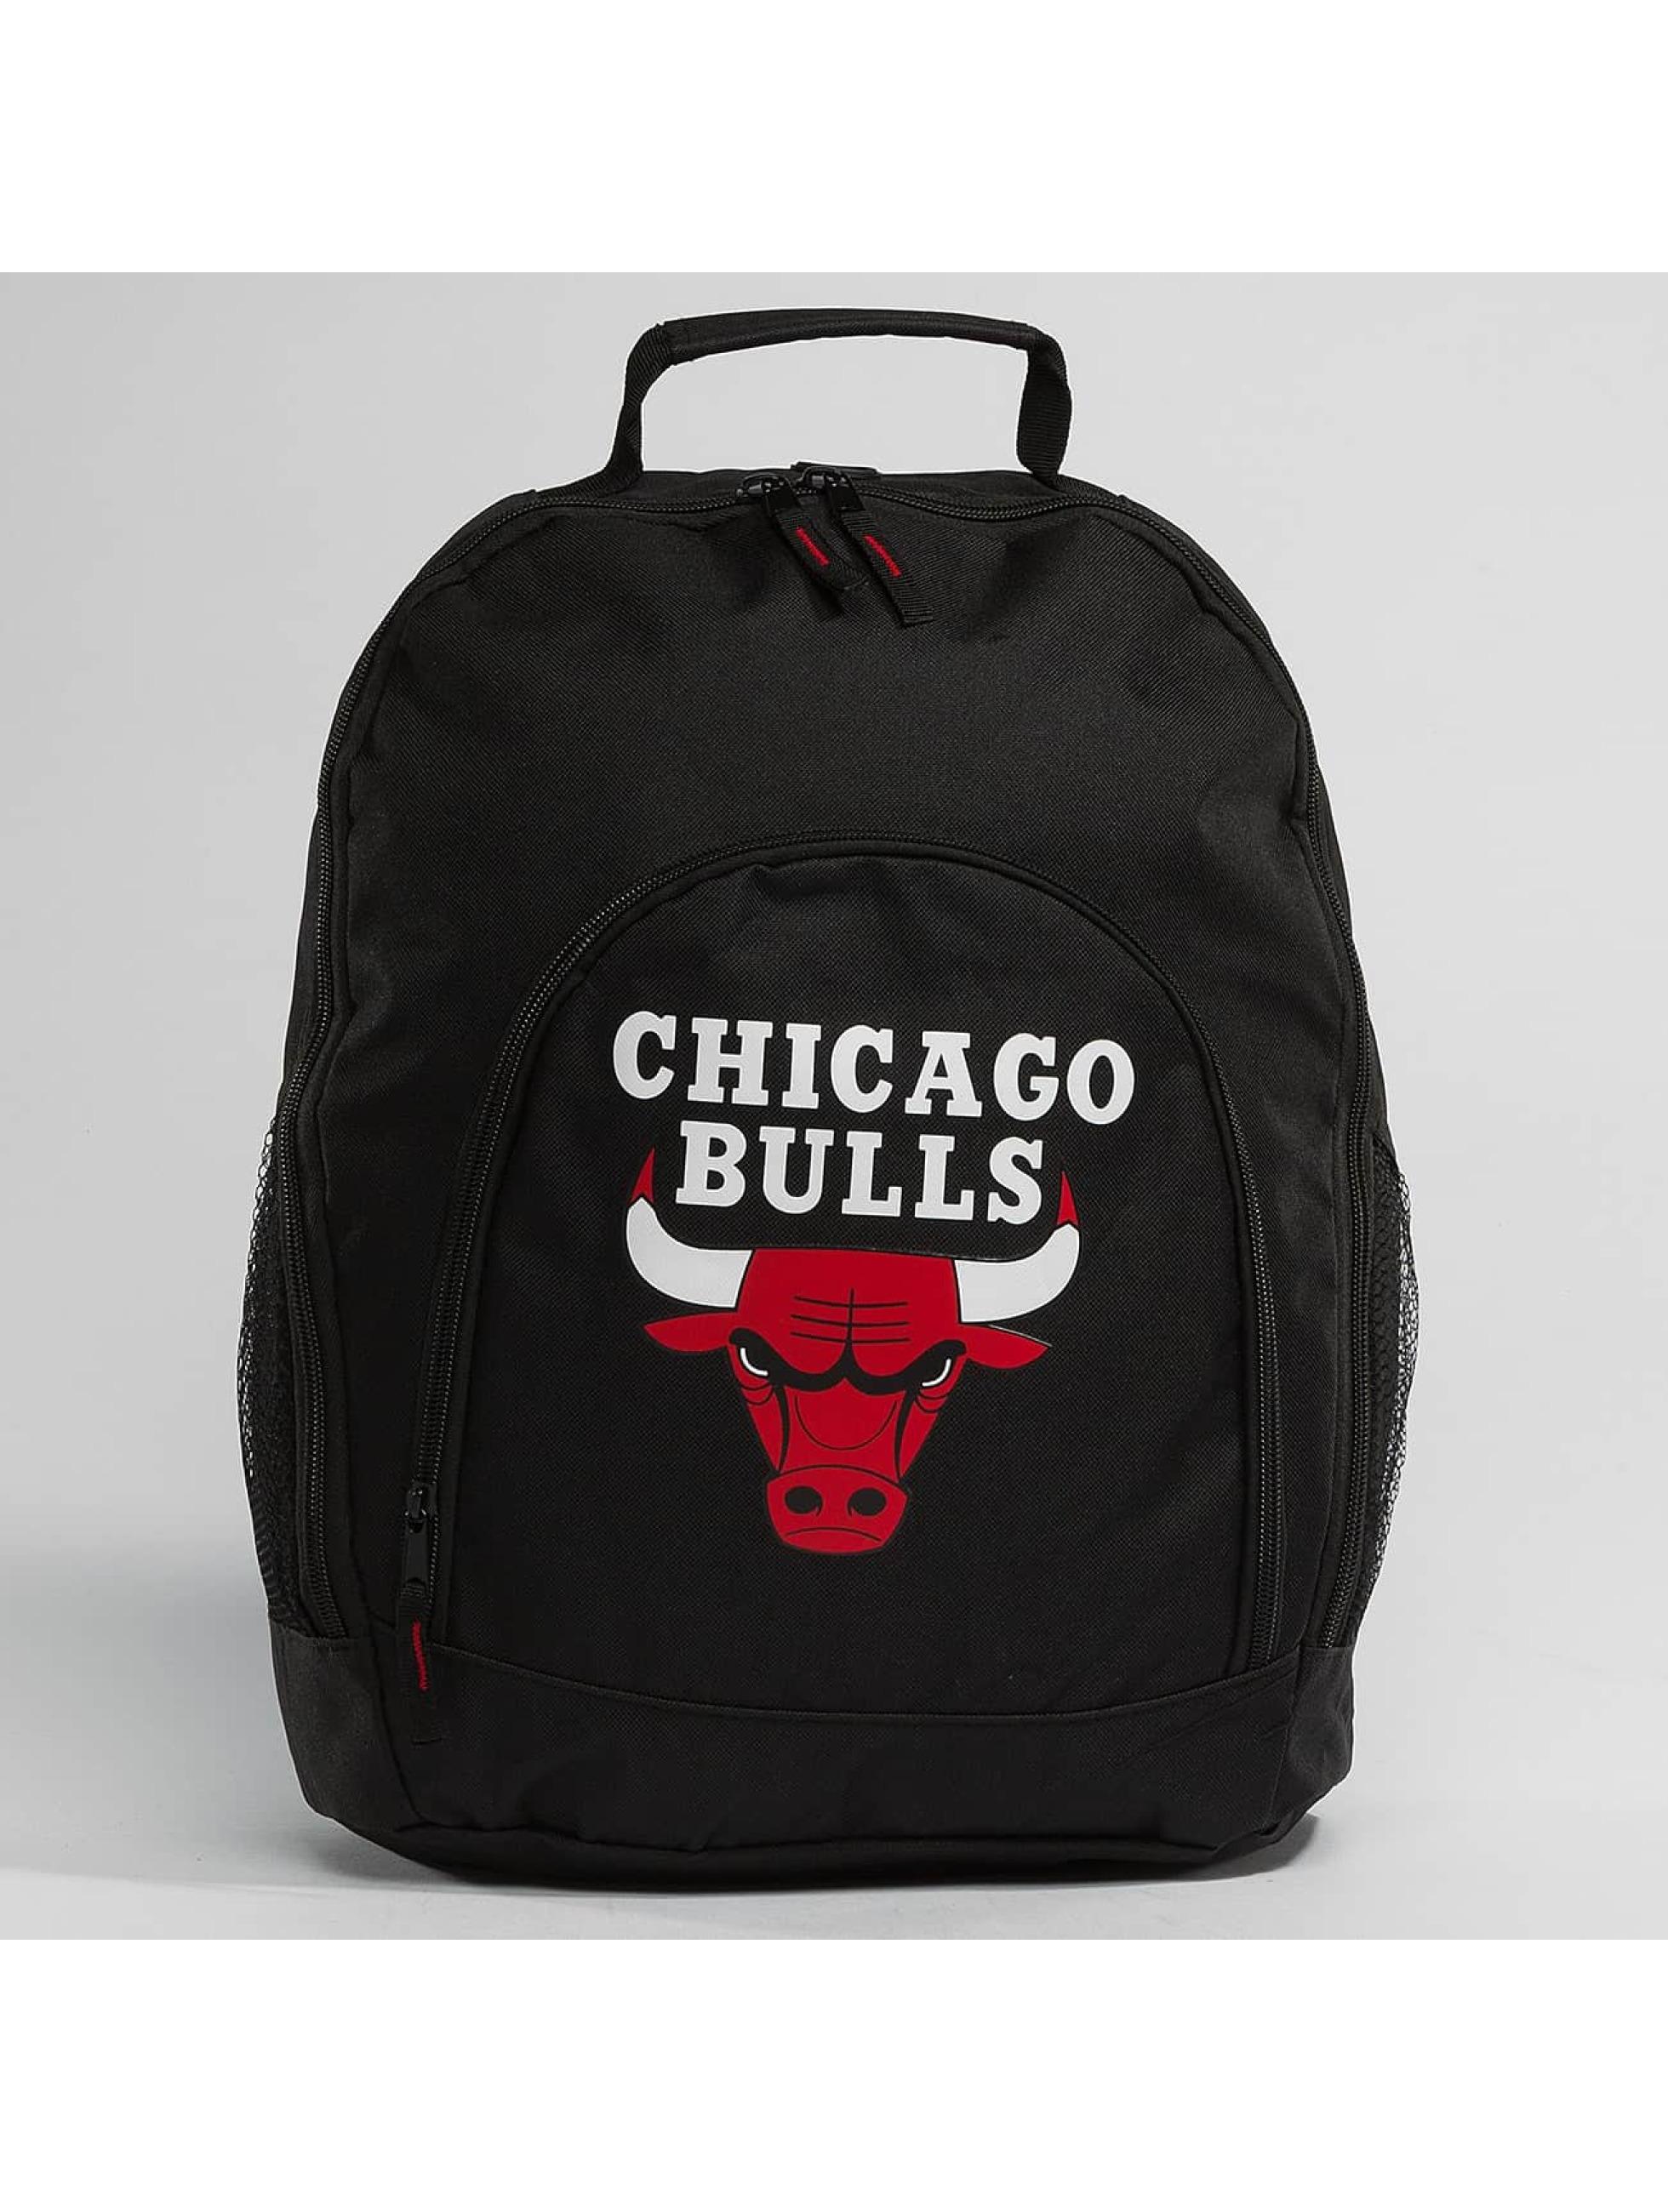 Forever Collectibles Männer,Frauen Rucksack NBA Chicago Bulls in schwarz